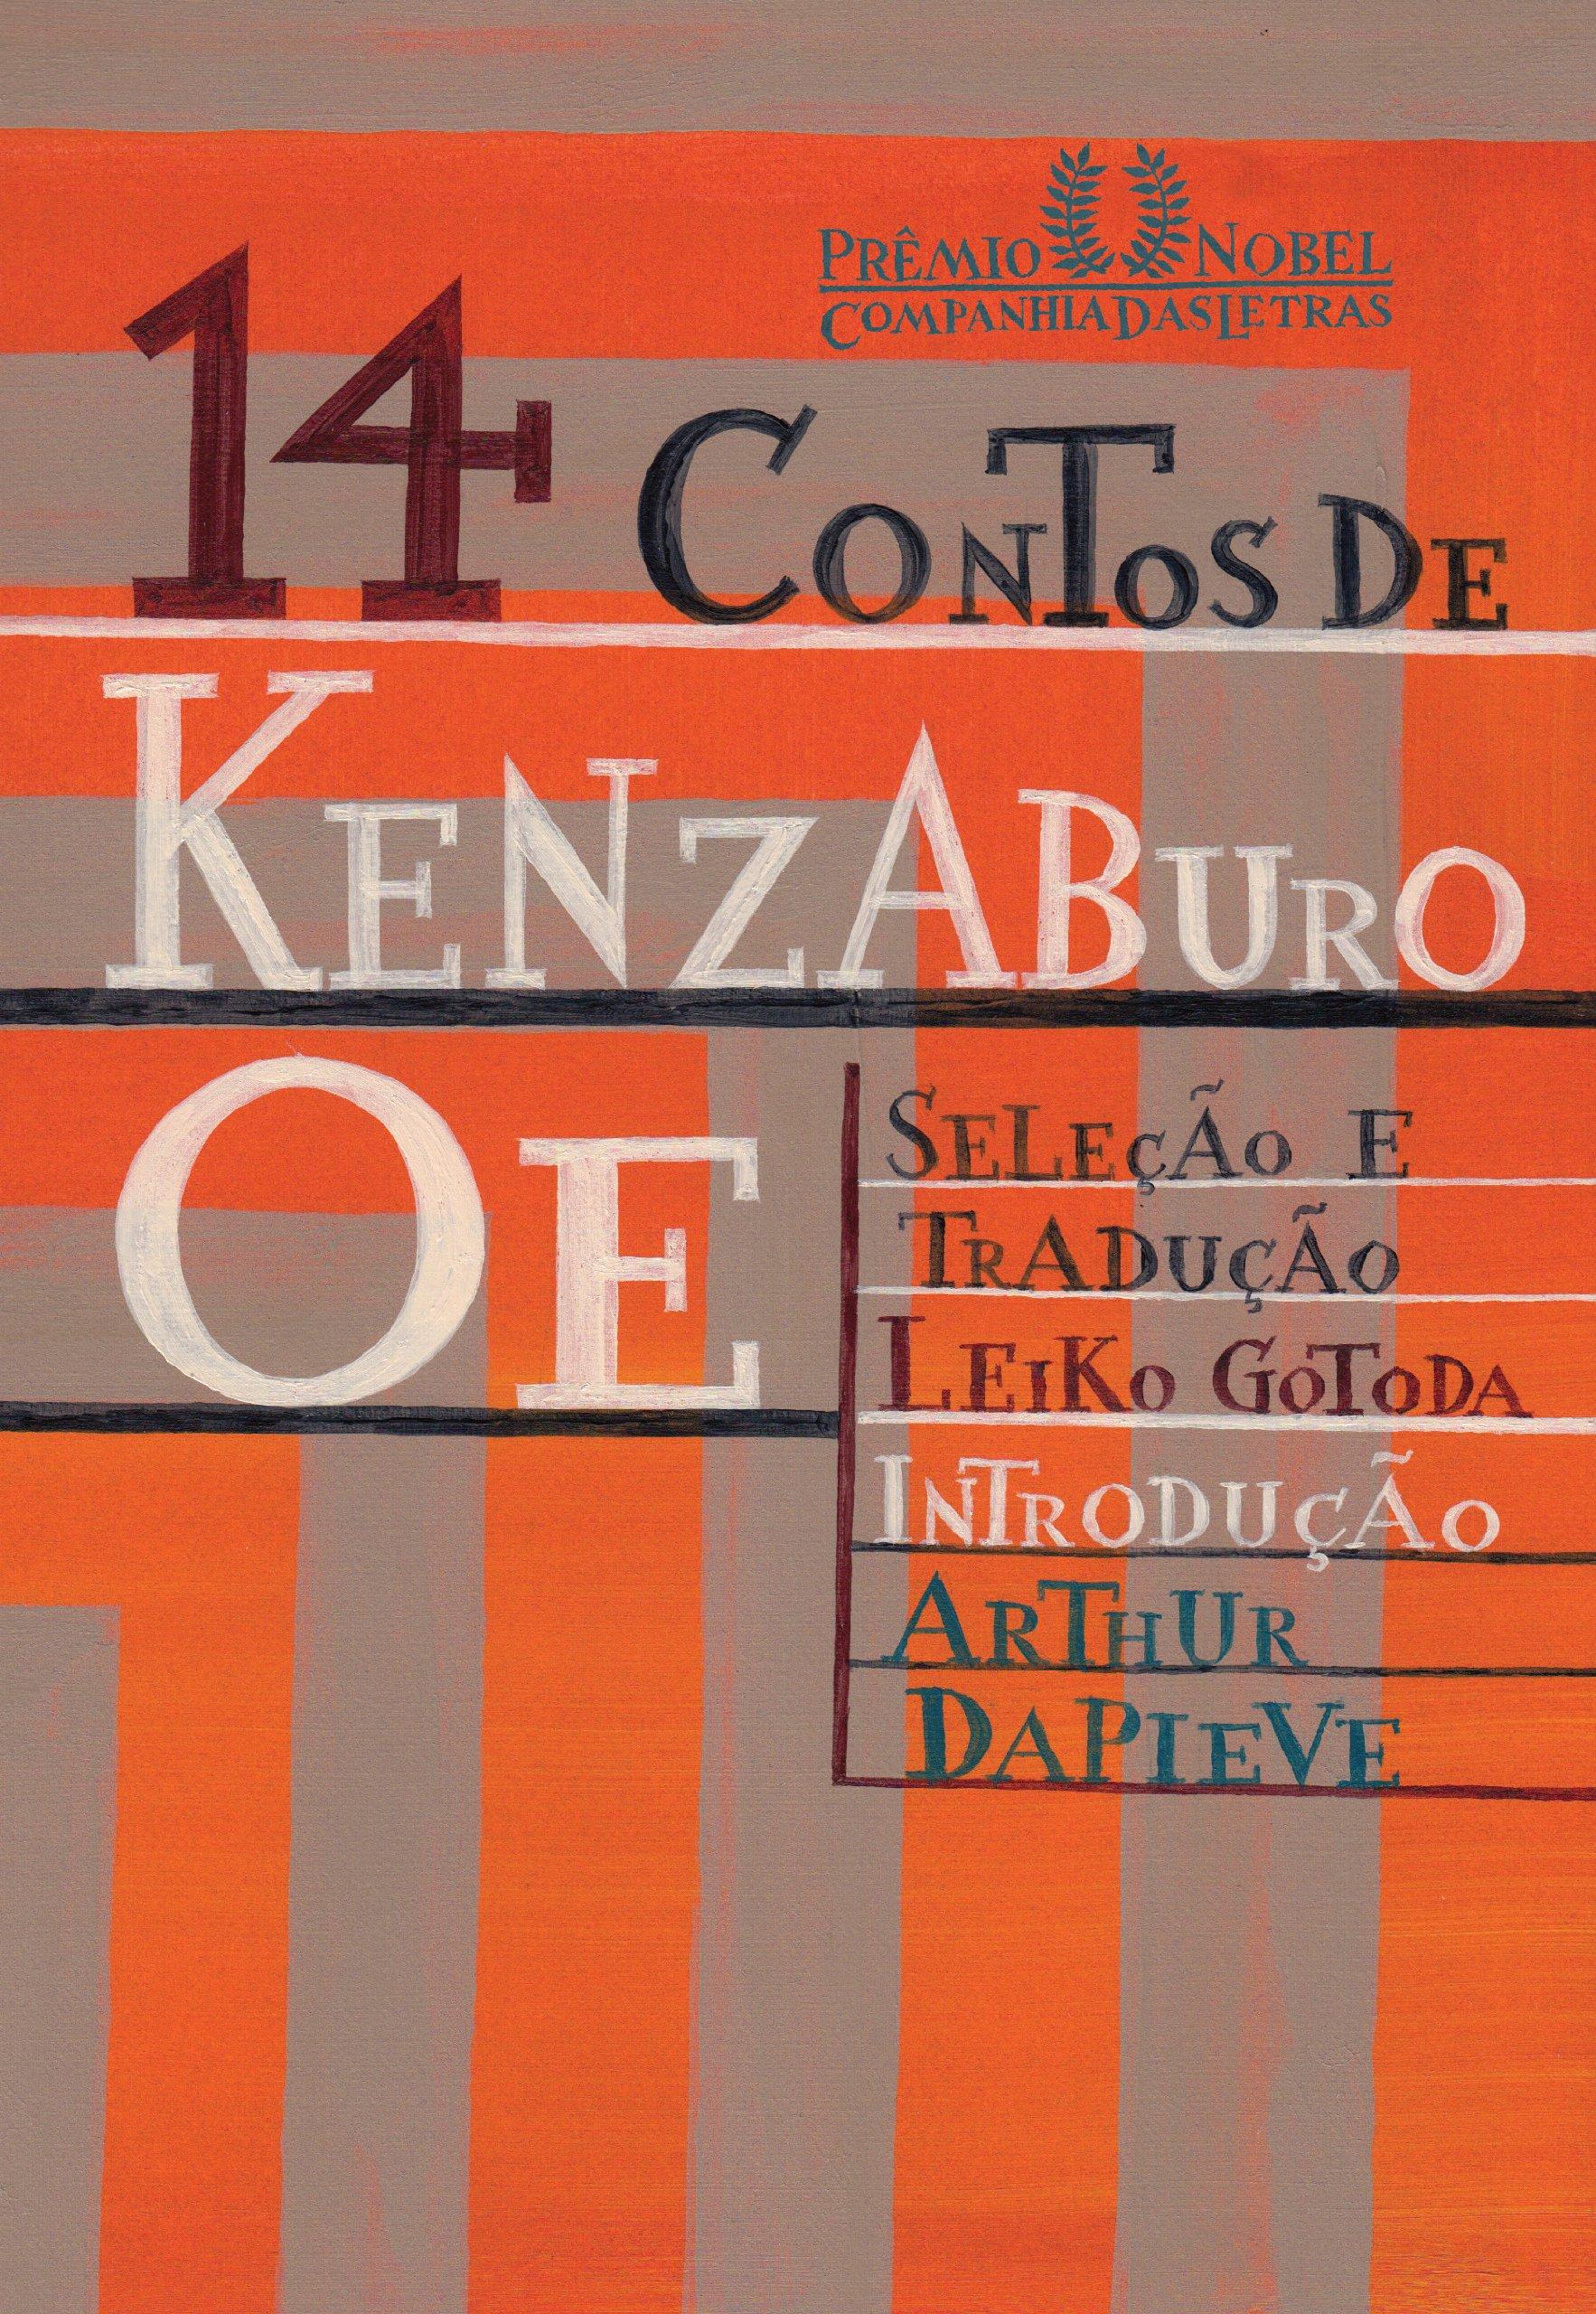 14 Contos de Kenzaburo Oe (Colecao: Premio Nobel) (Em Portugues do Brasil) pdf